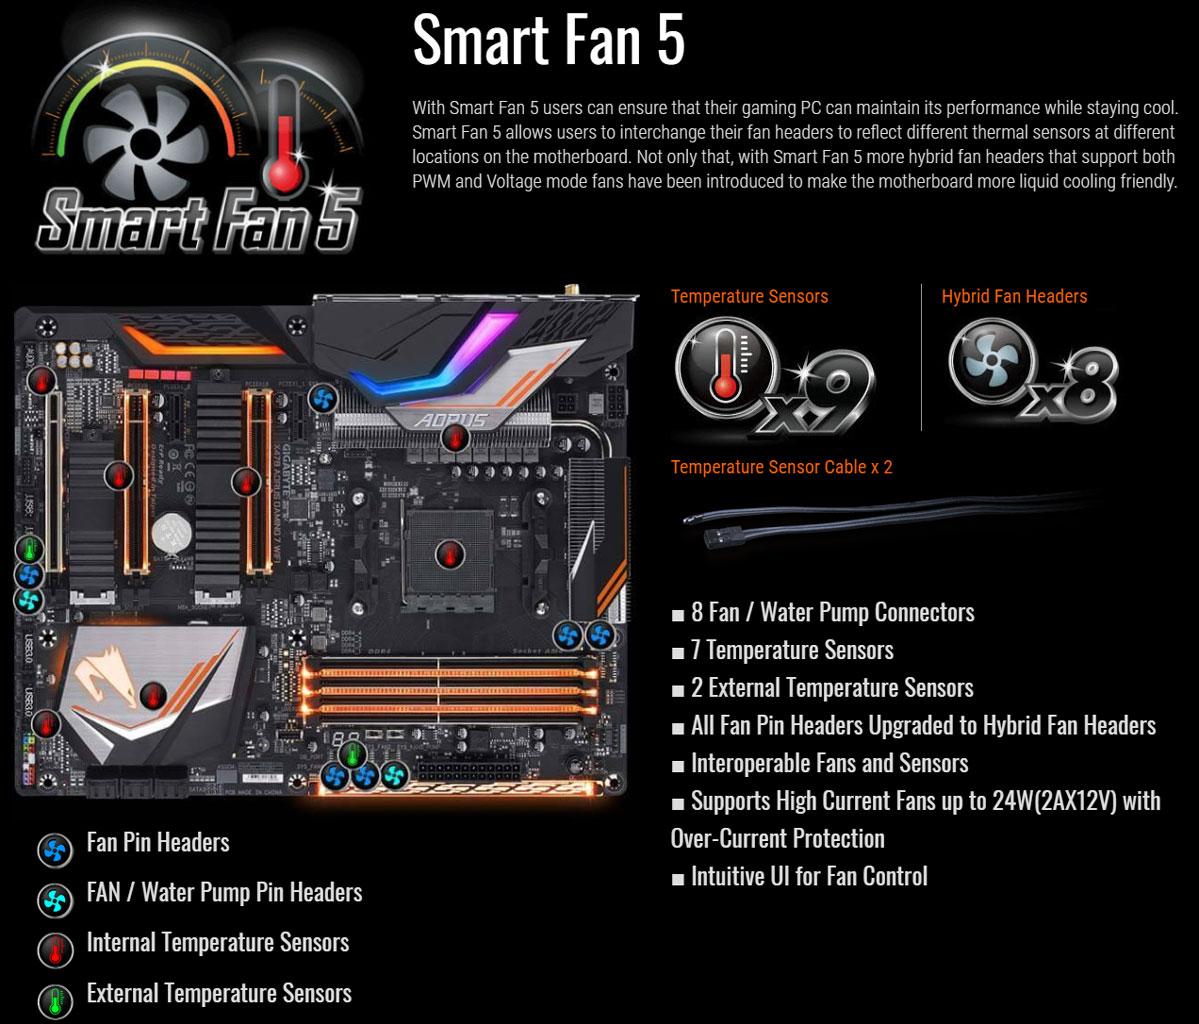 06-temp-fan-headres.jpg